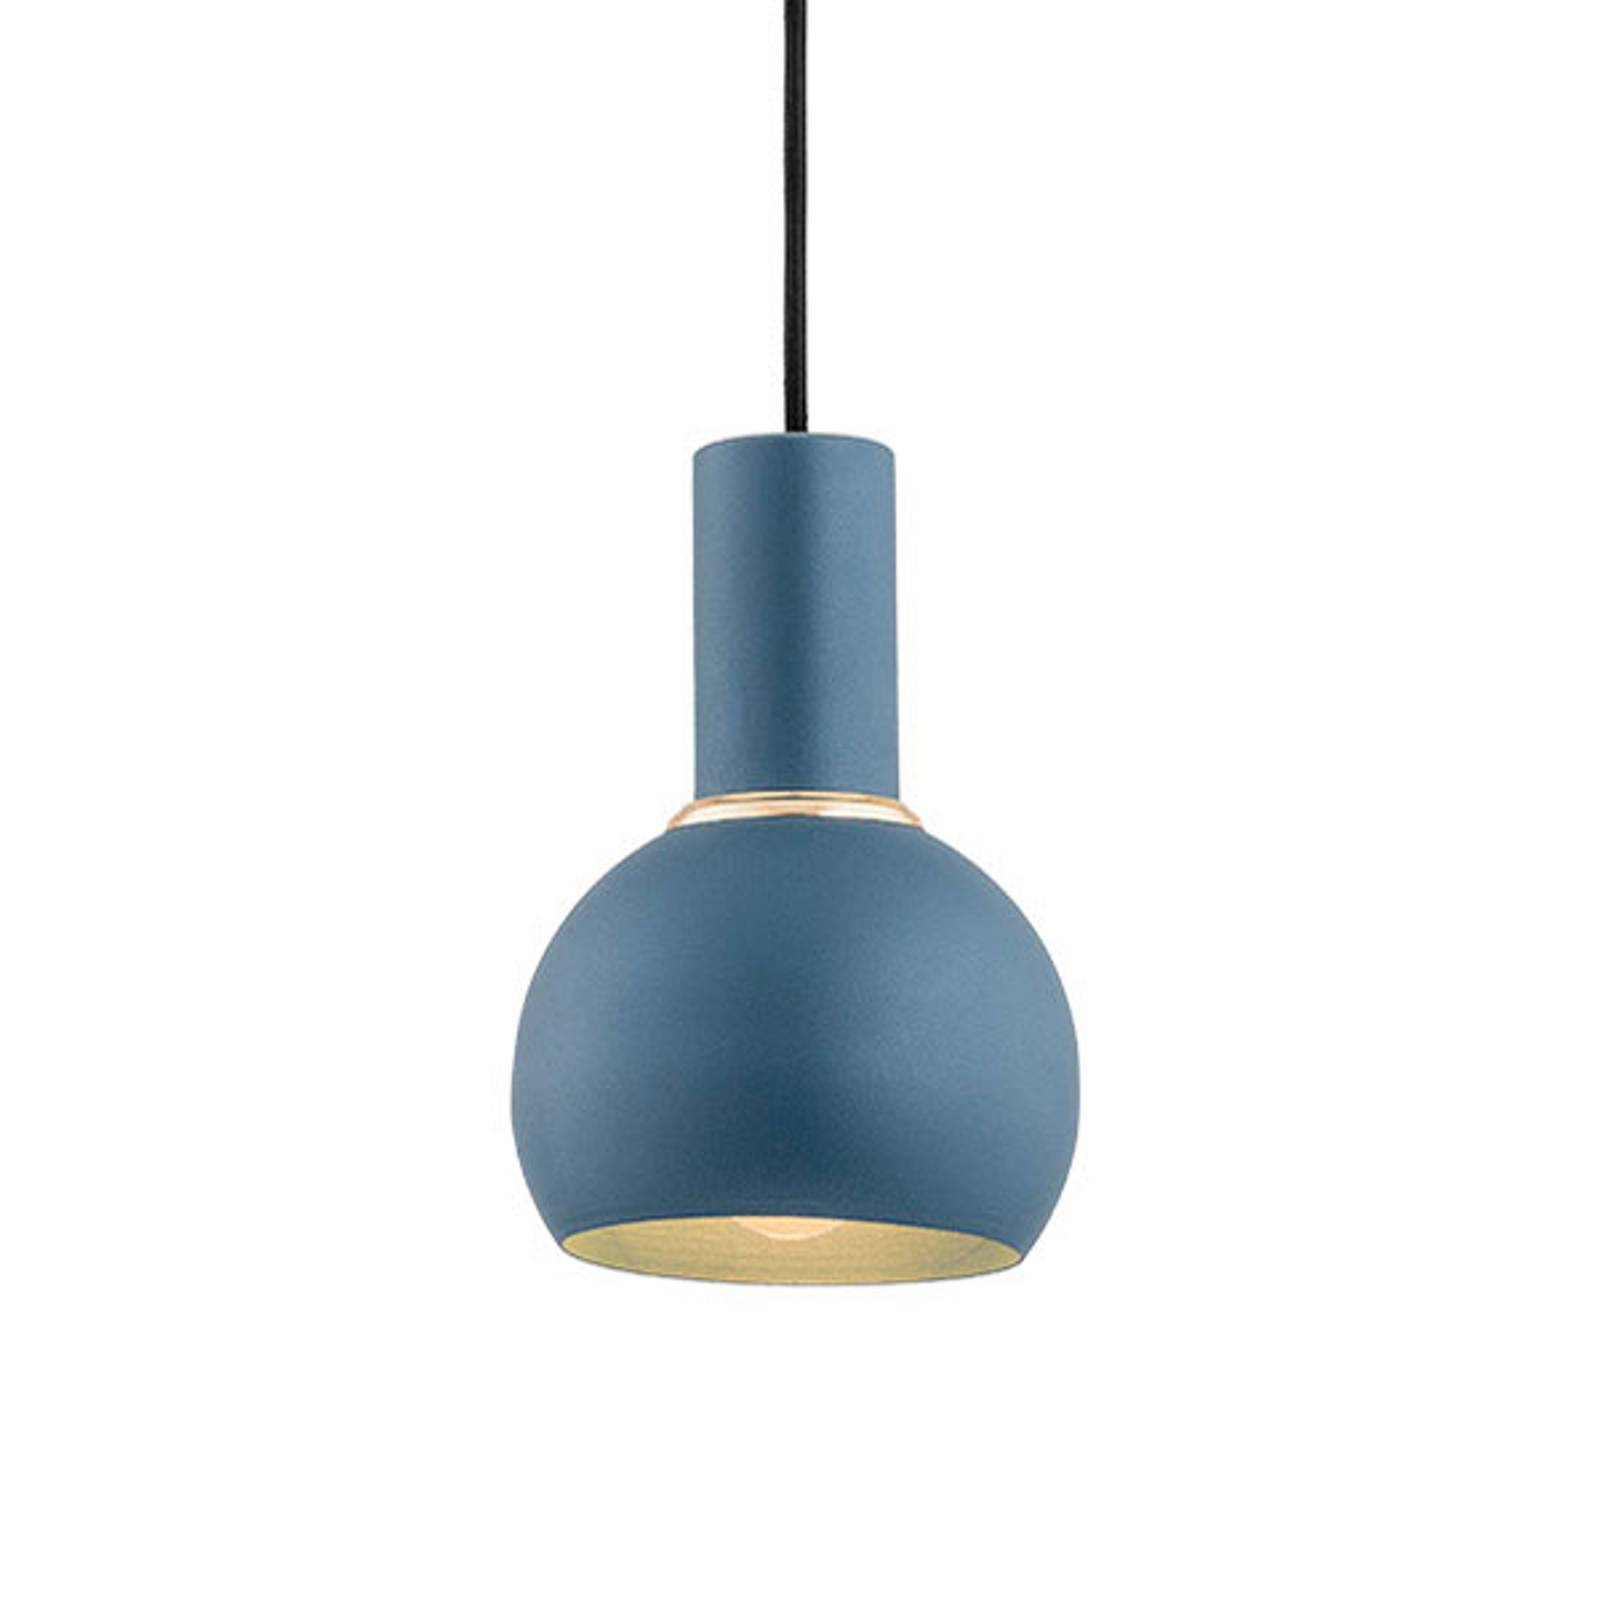 Riippuvalo Selma, 1-lamppuinen sininen Ø 14 cm